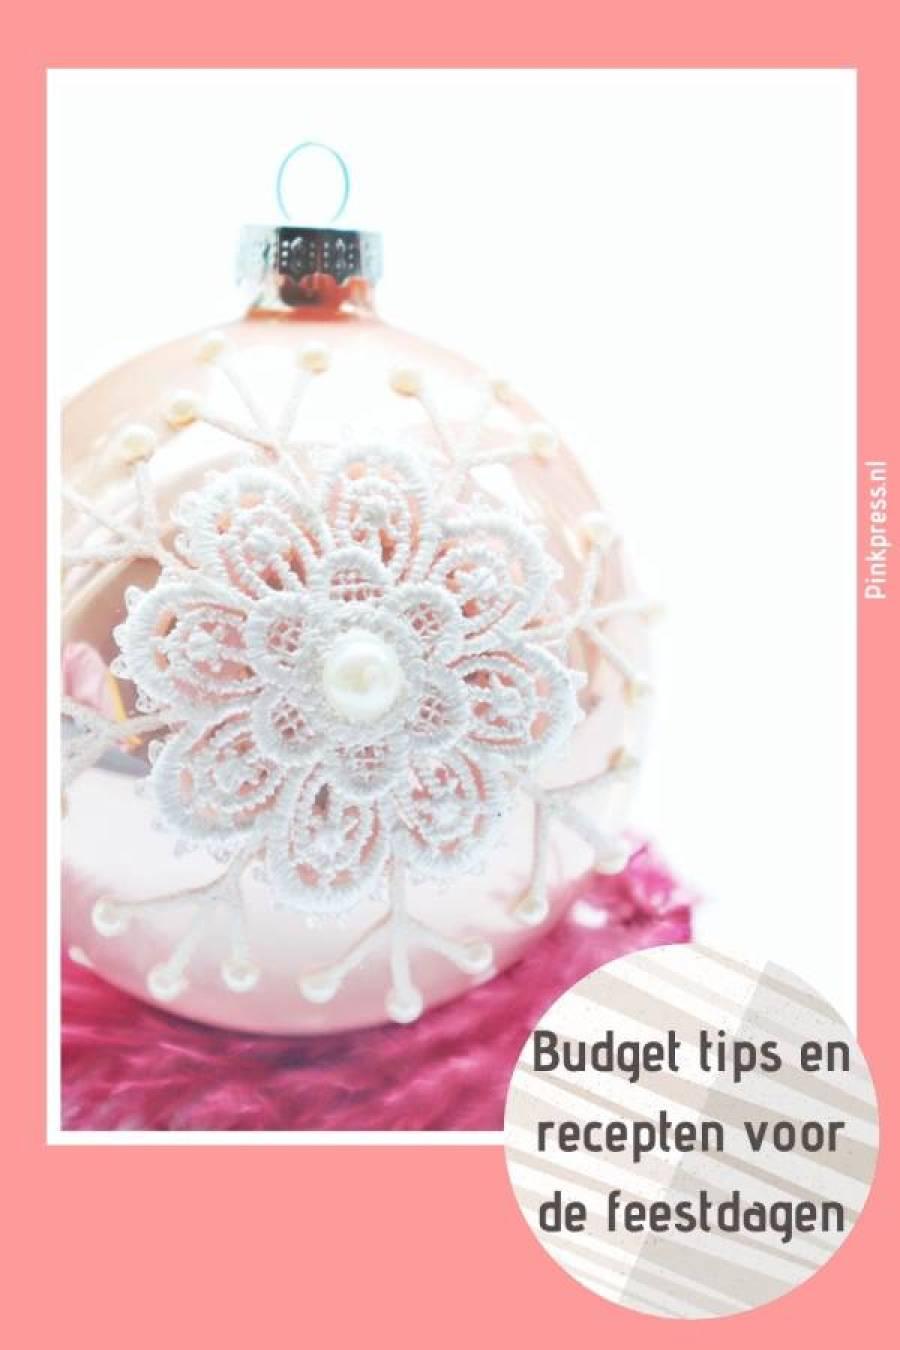 budget tips voor de feestdagen - De allerleukste feestdagen budget tips